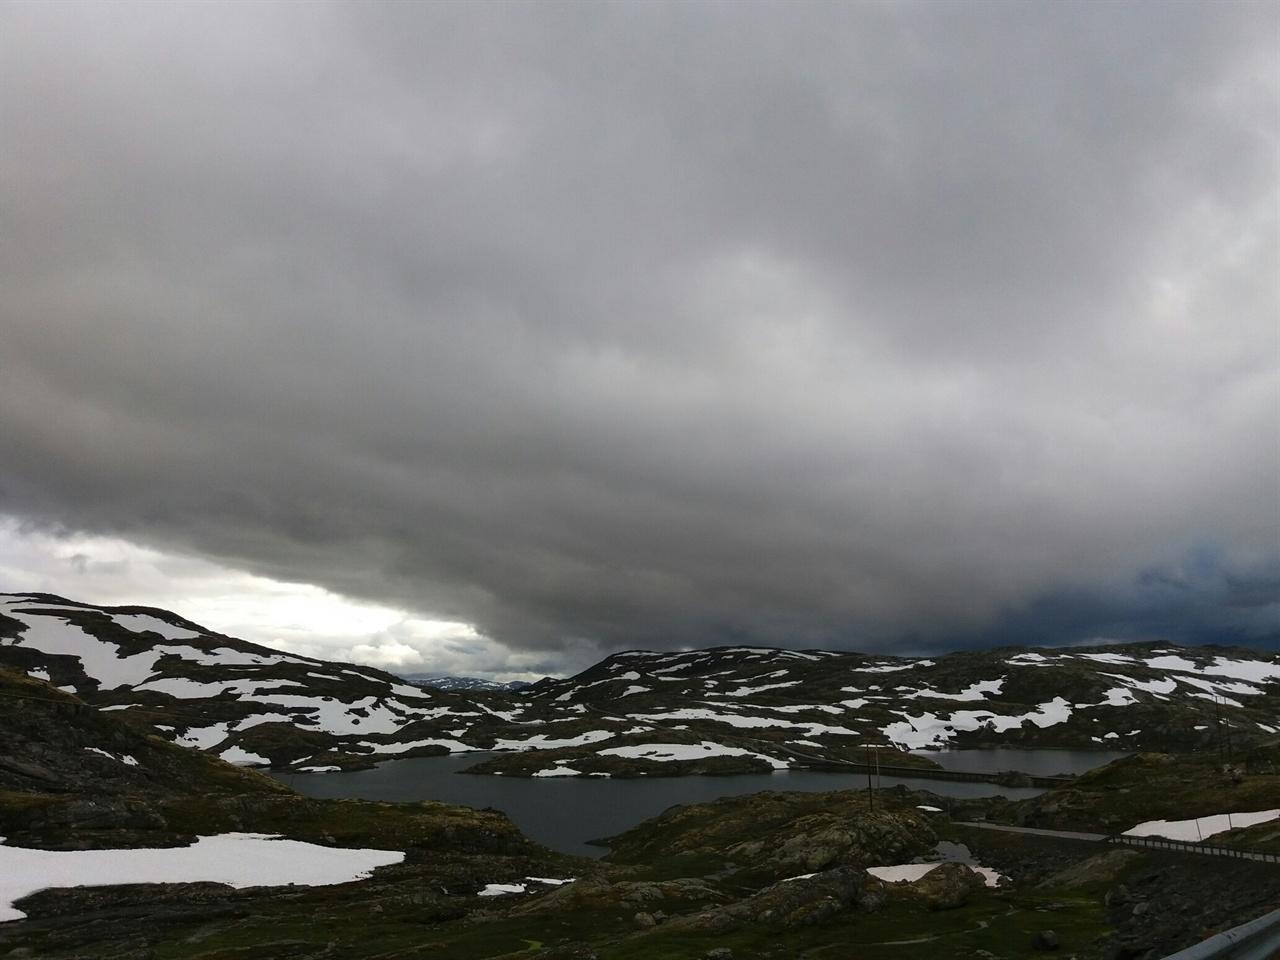 노르웨이 산맥 산악길